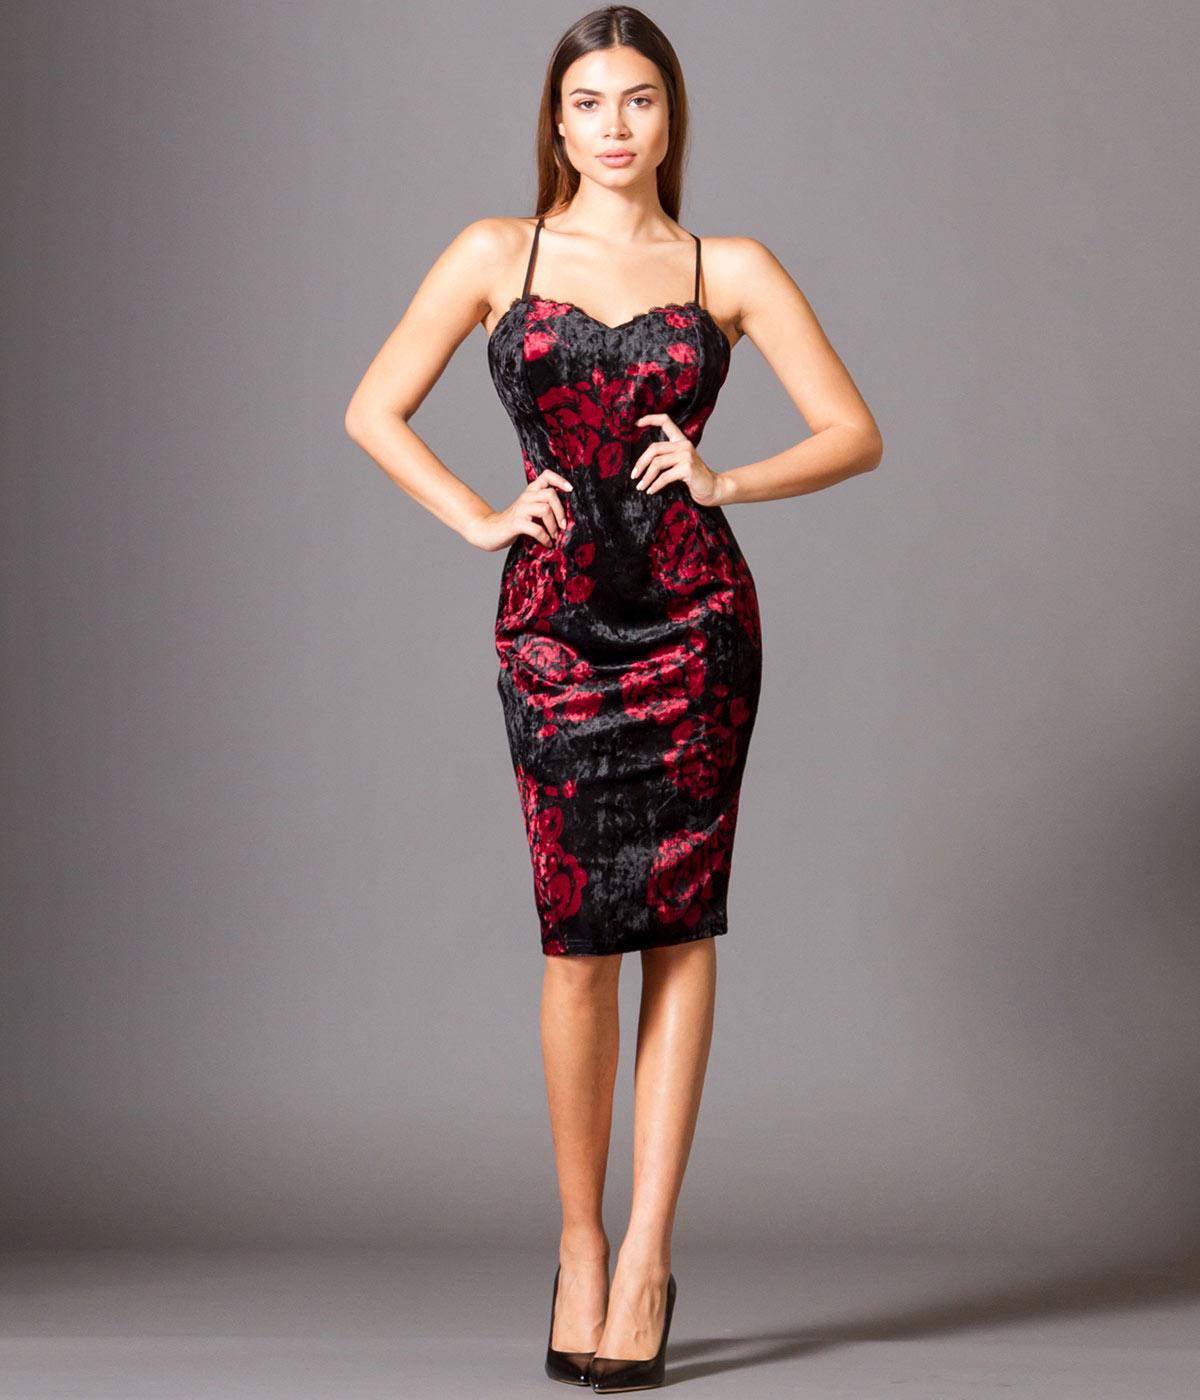 Βελούδινο Εμπριμέ Φόρεμα με Ραντάκι και Δαντέλα - Εμπριμέ-Μπορντό 7dafbf30a86